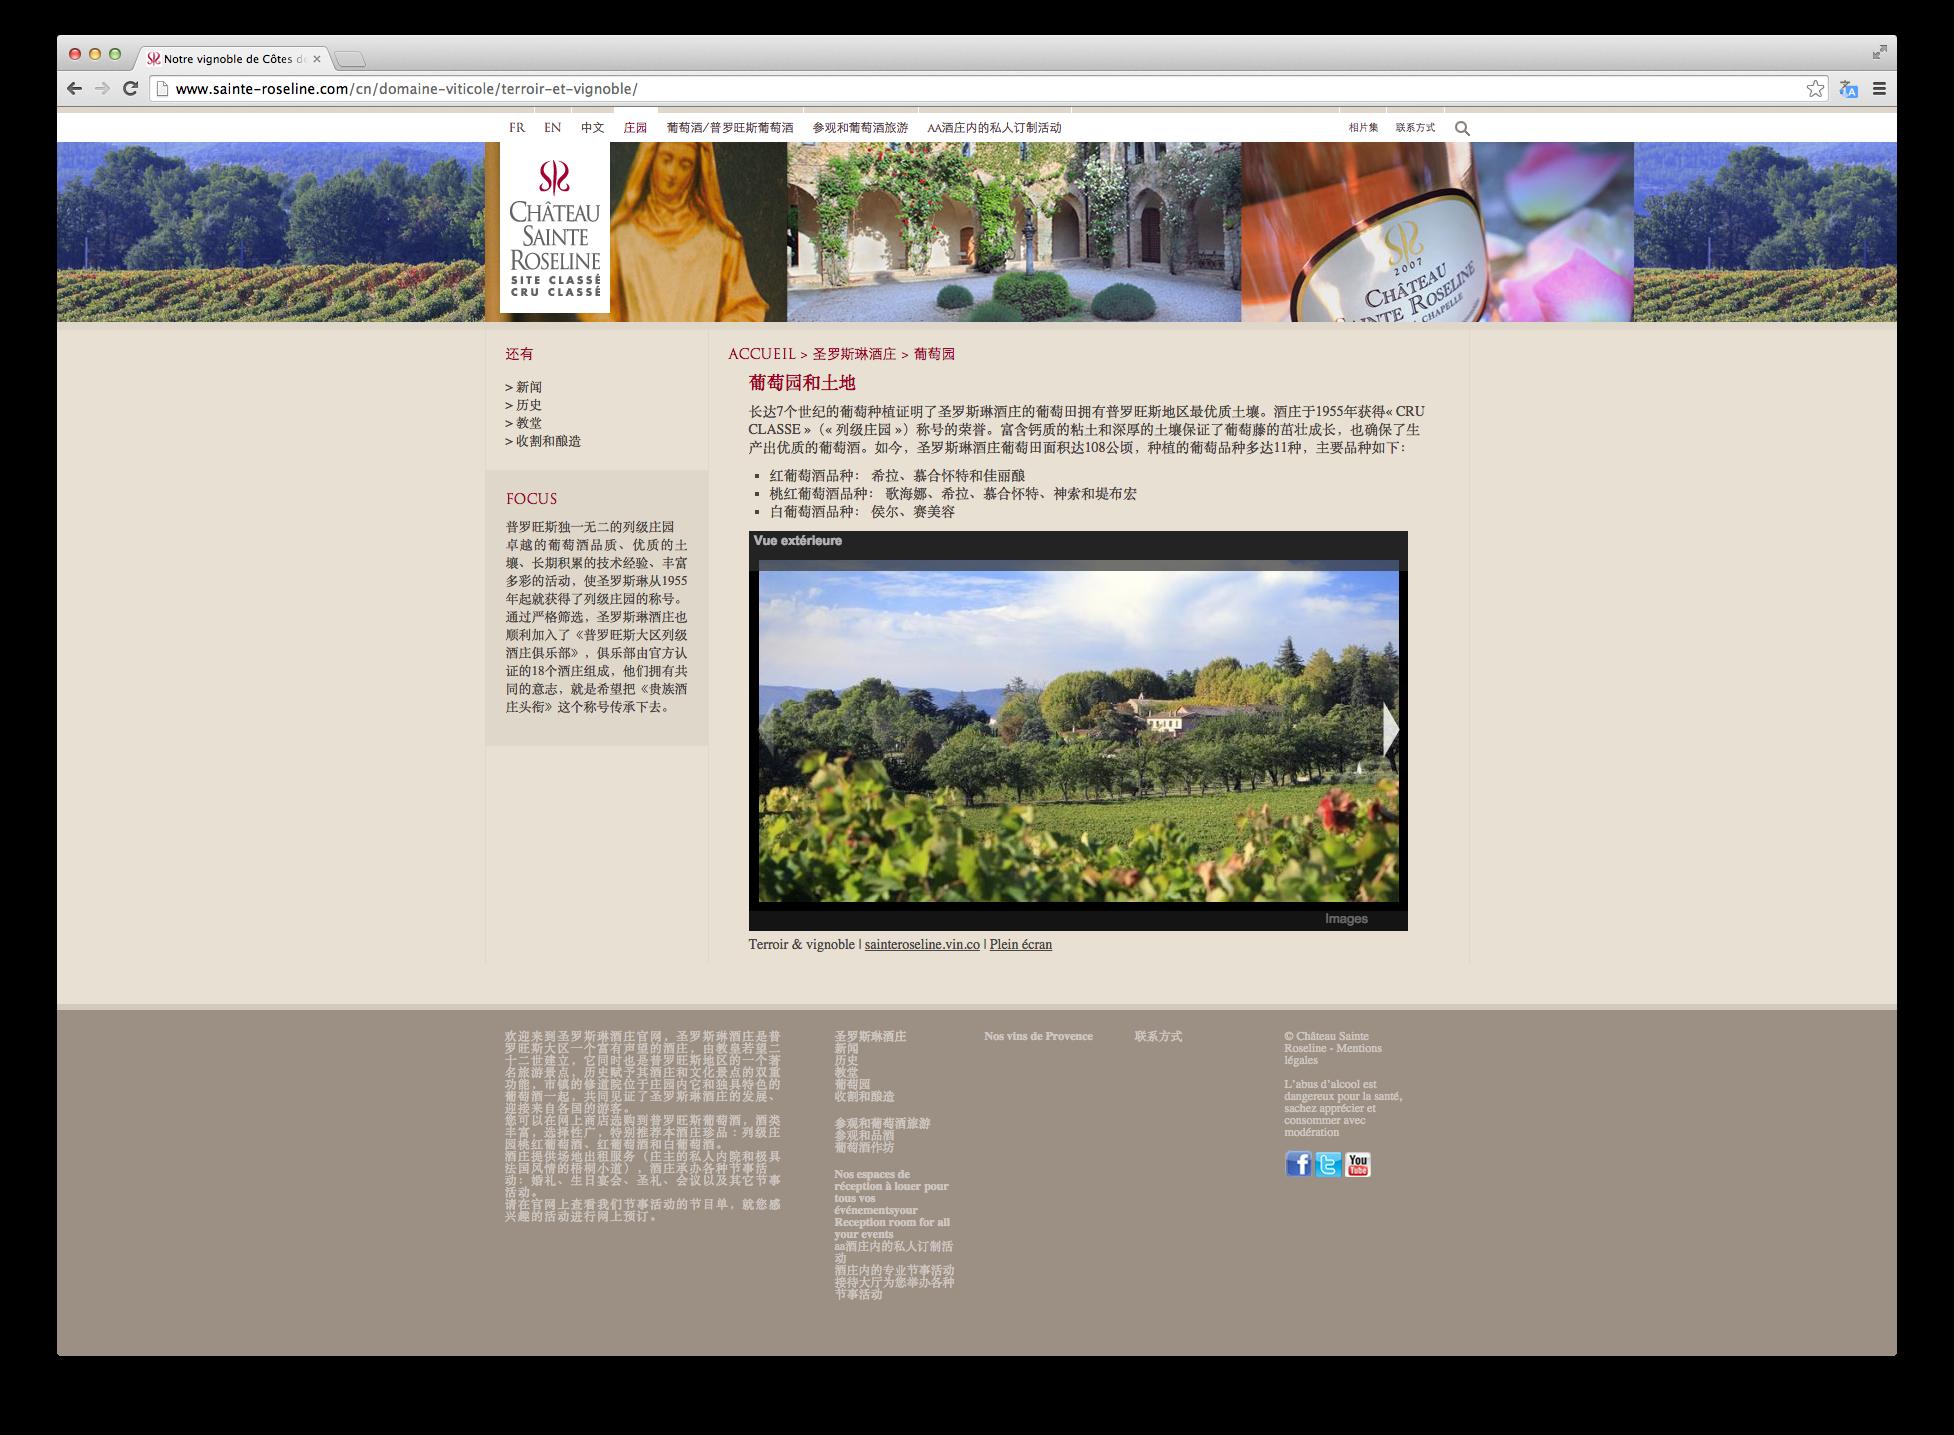 Capture d'écran 2014-10-08 à 09.44.14.png